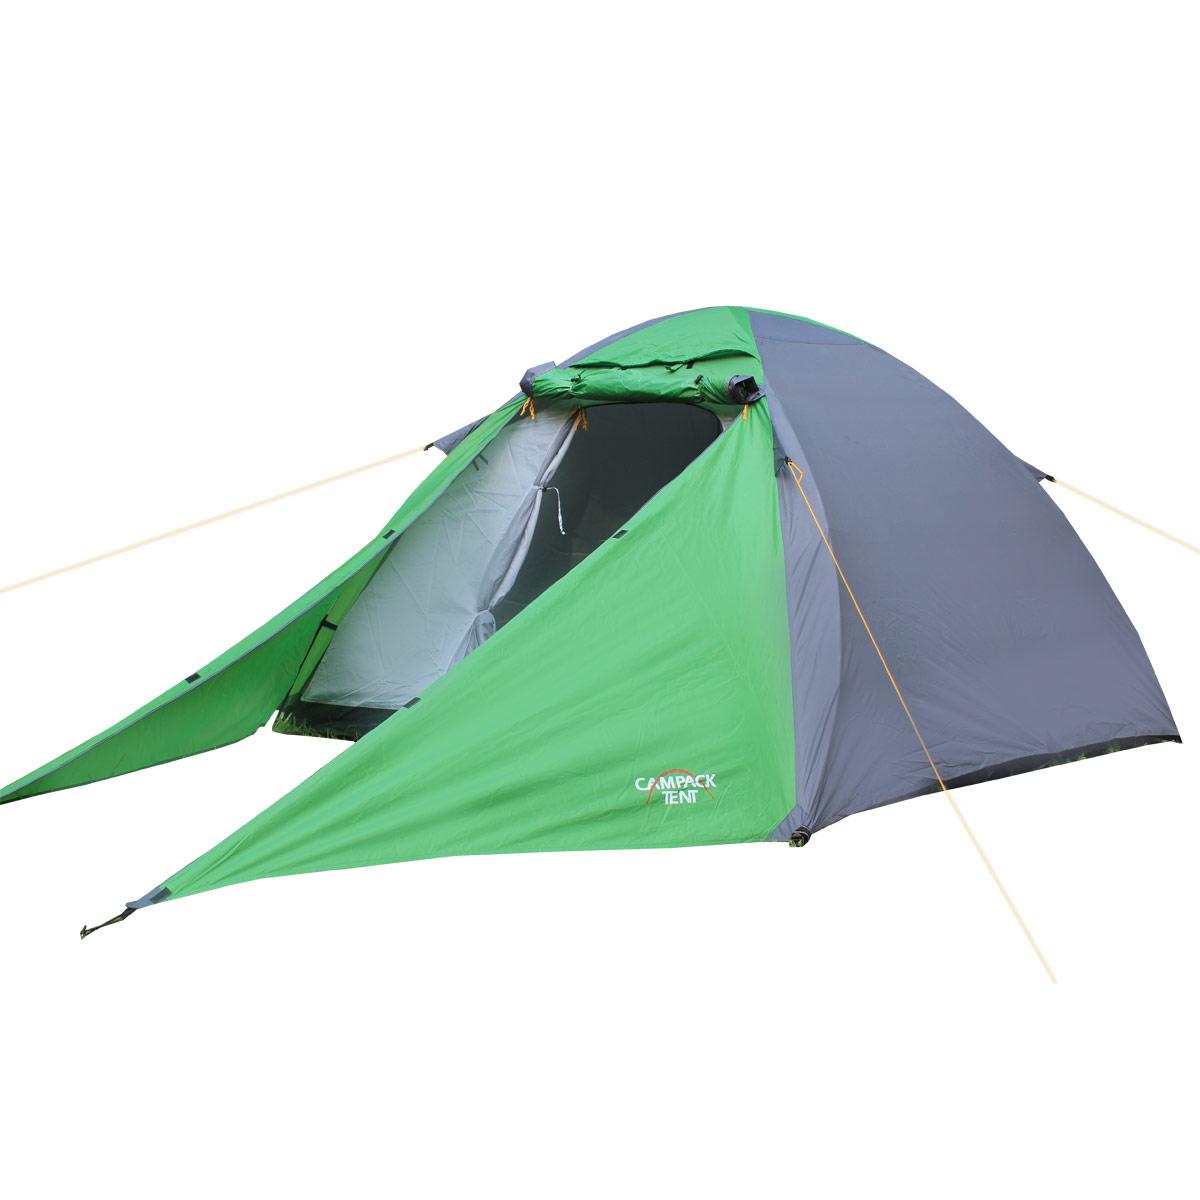 Палатка Campack Tent Forest Explorer 2, цвет: серо-зеленый camp voyager 4 campack tent